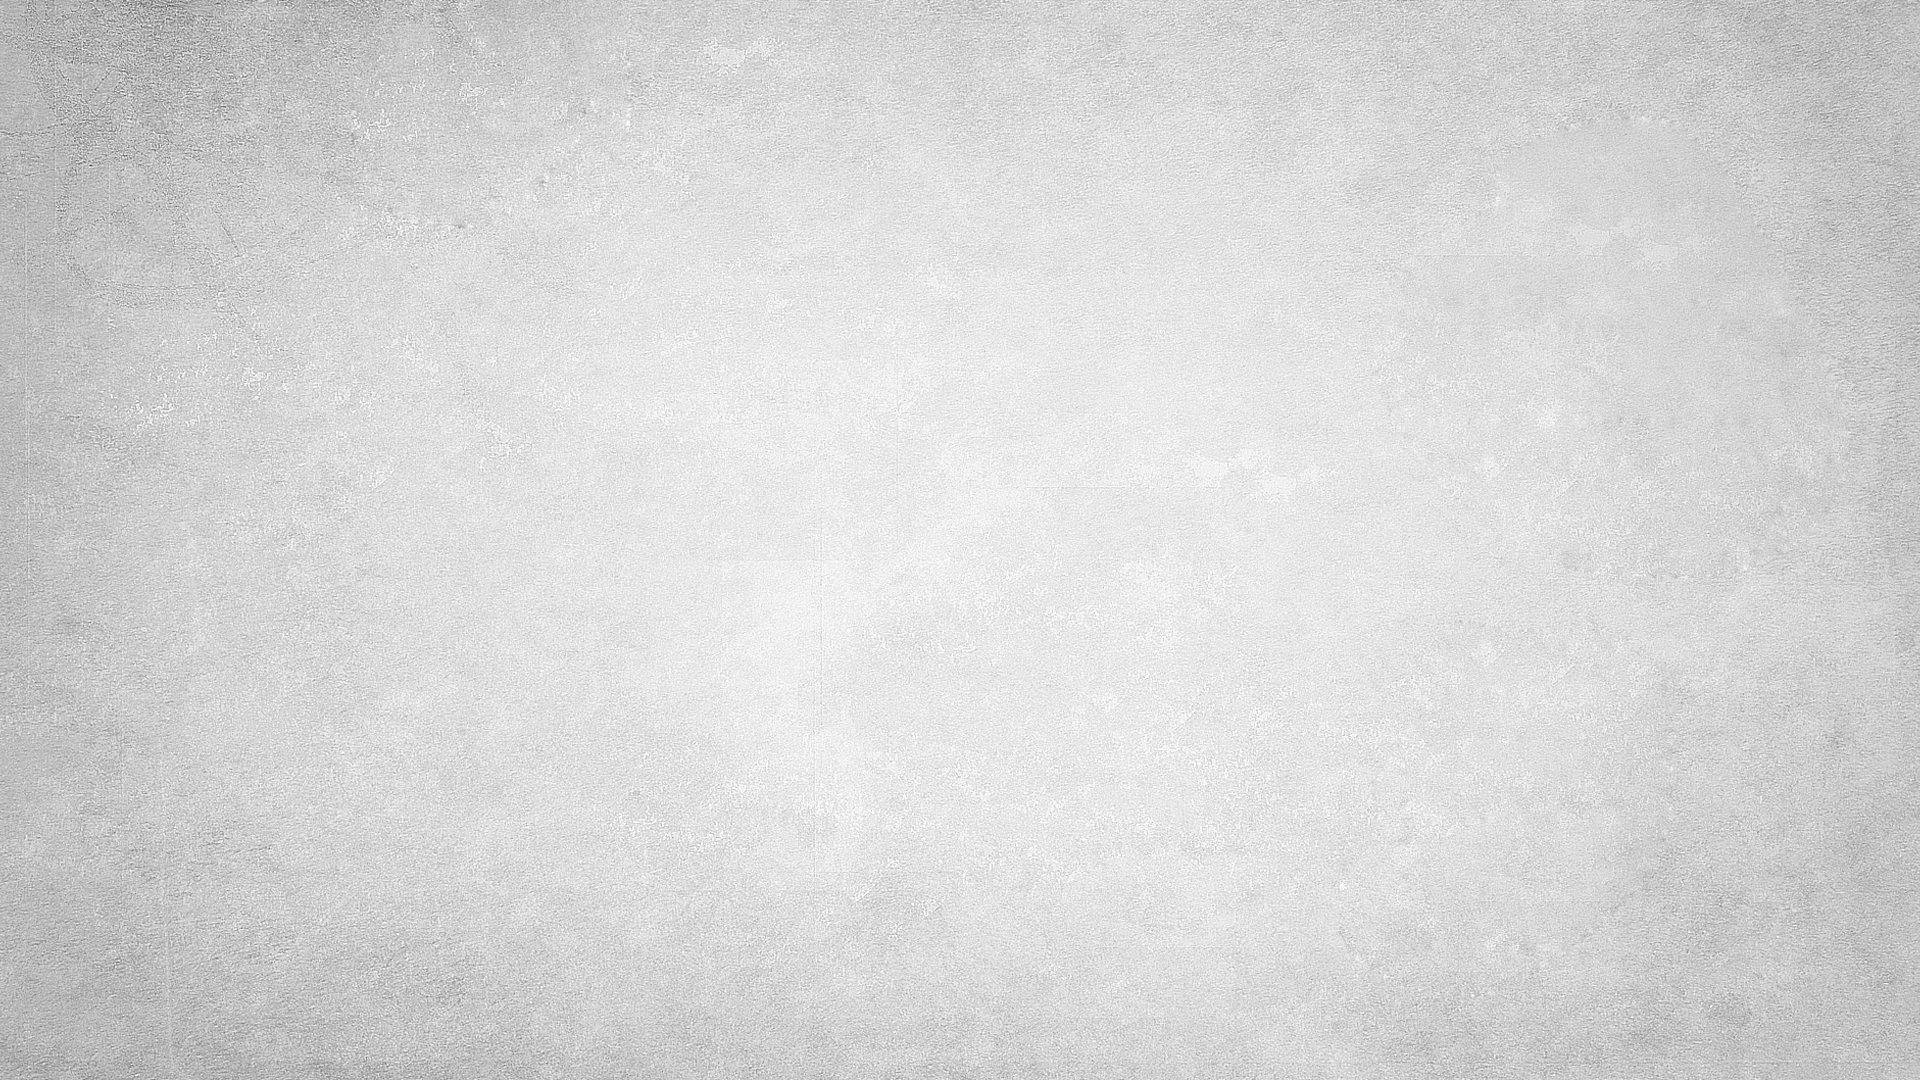 Grey Texture Background Desktop